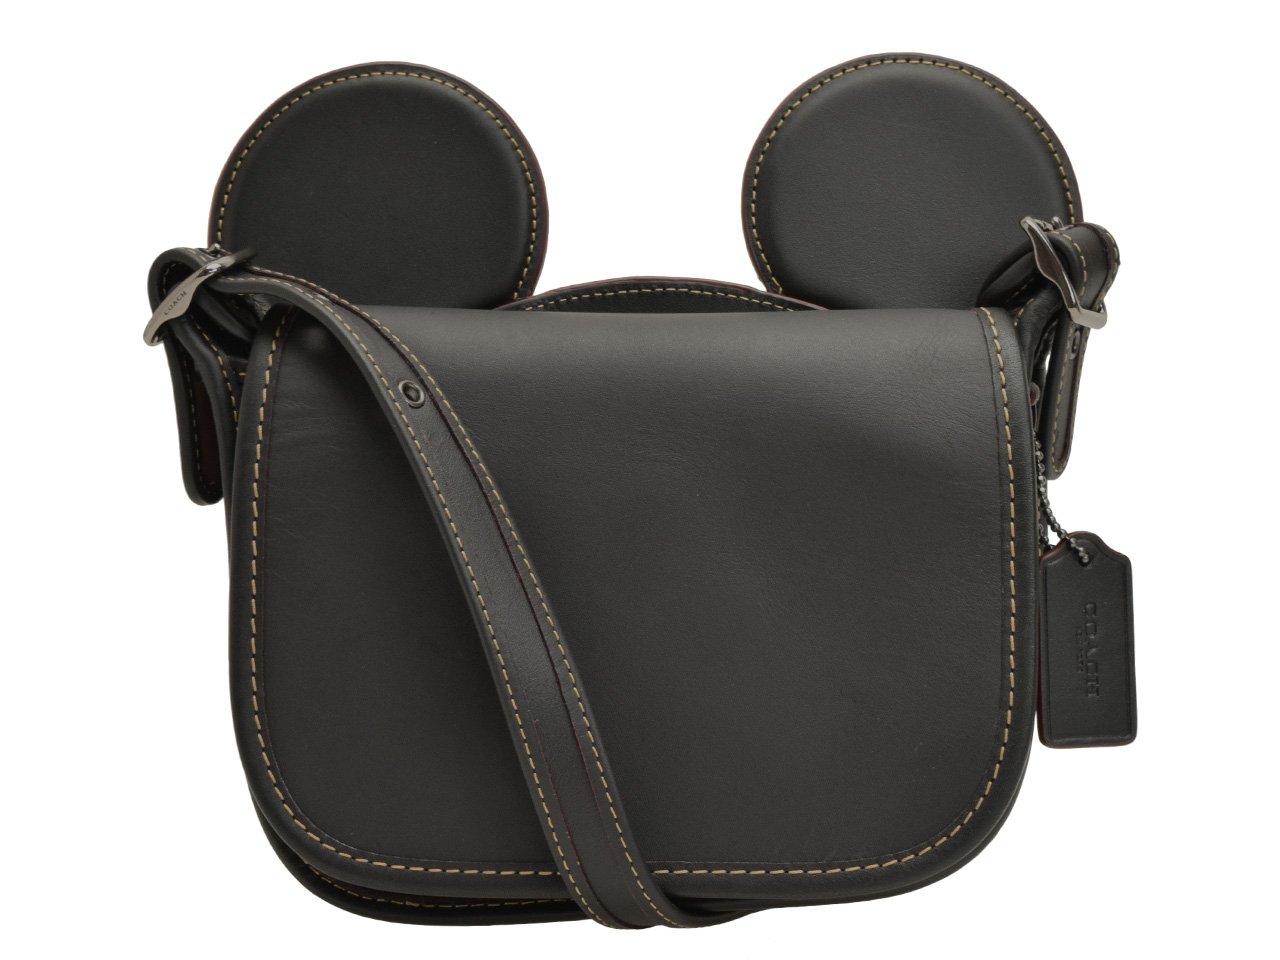 (コーチ) COACH バッグ ショルダーバッグ 斜めがけ ディズニー ミッキー MICKEY レザー F59369 アウトレット [並行輸入品] B071SL6YSS ブラック ブラック